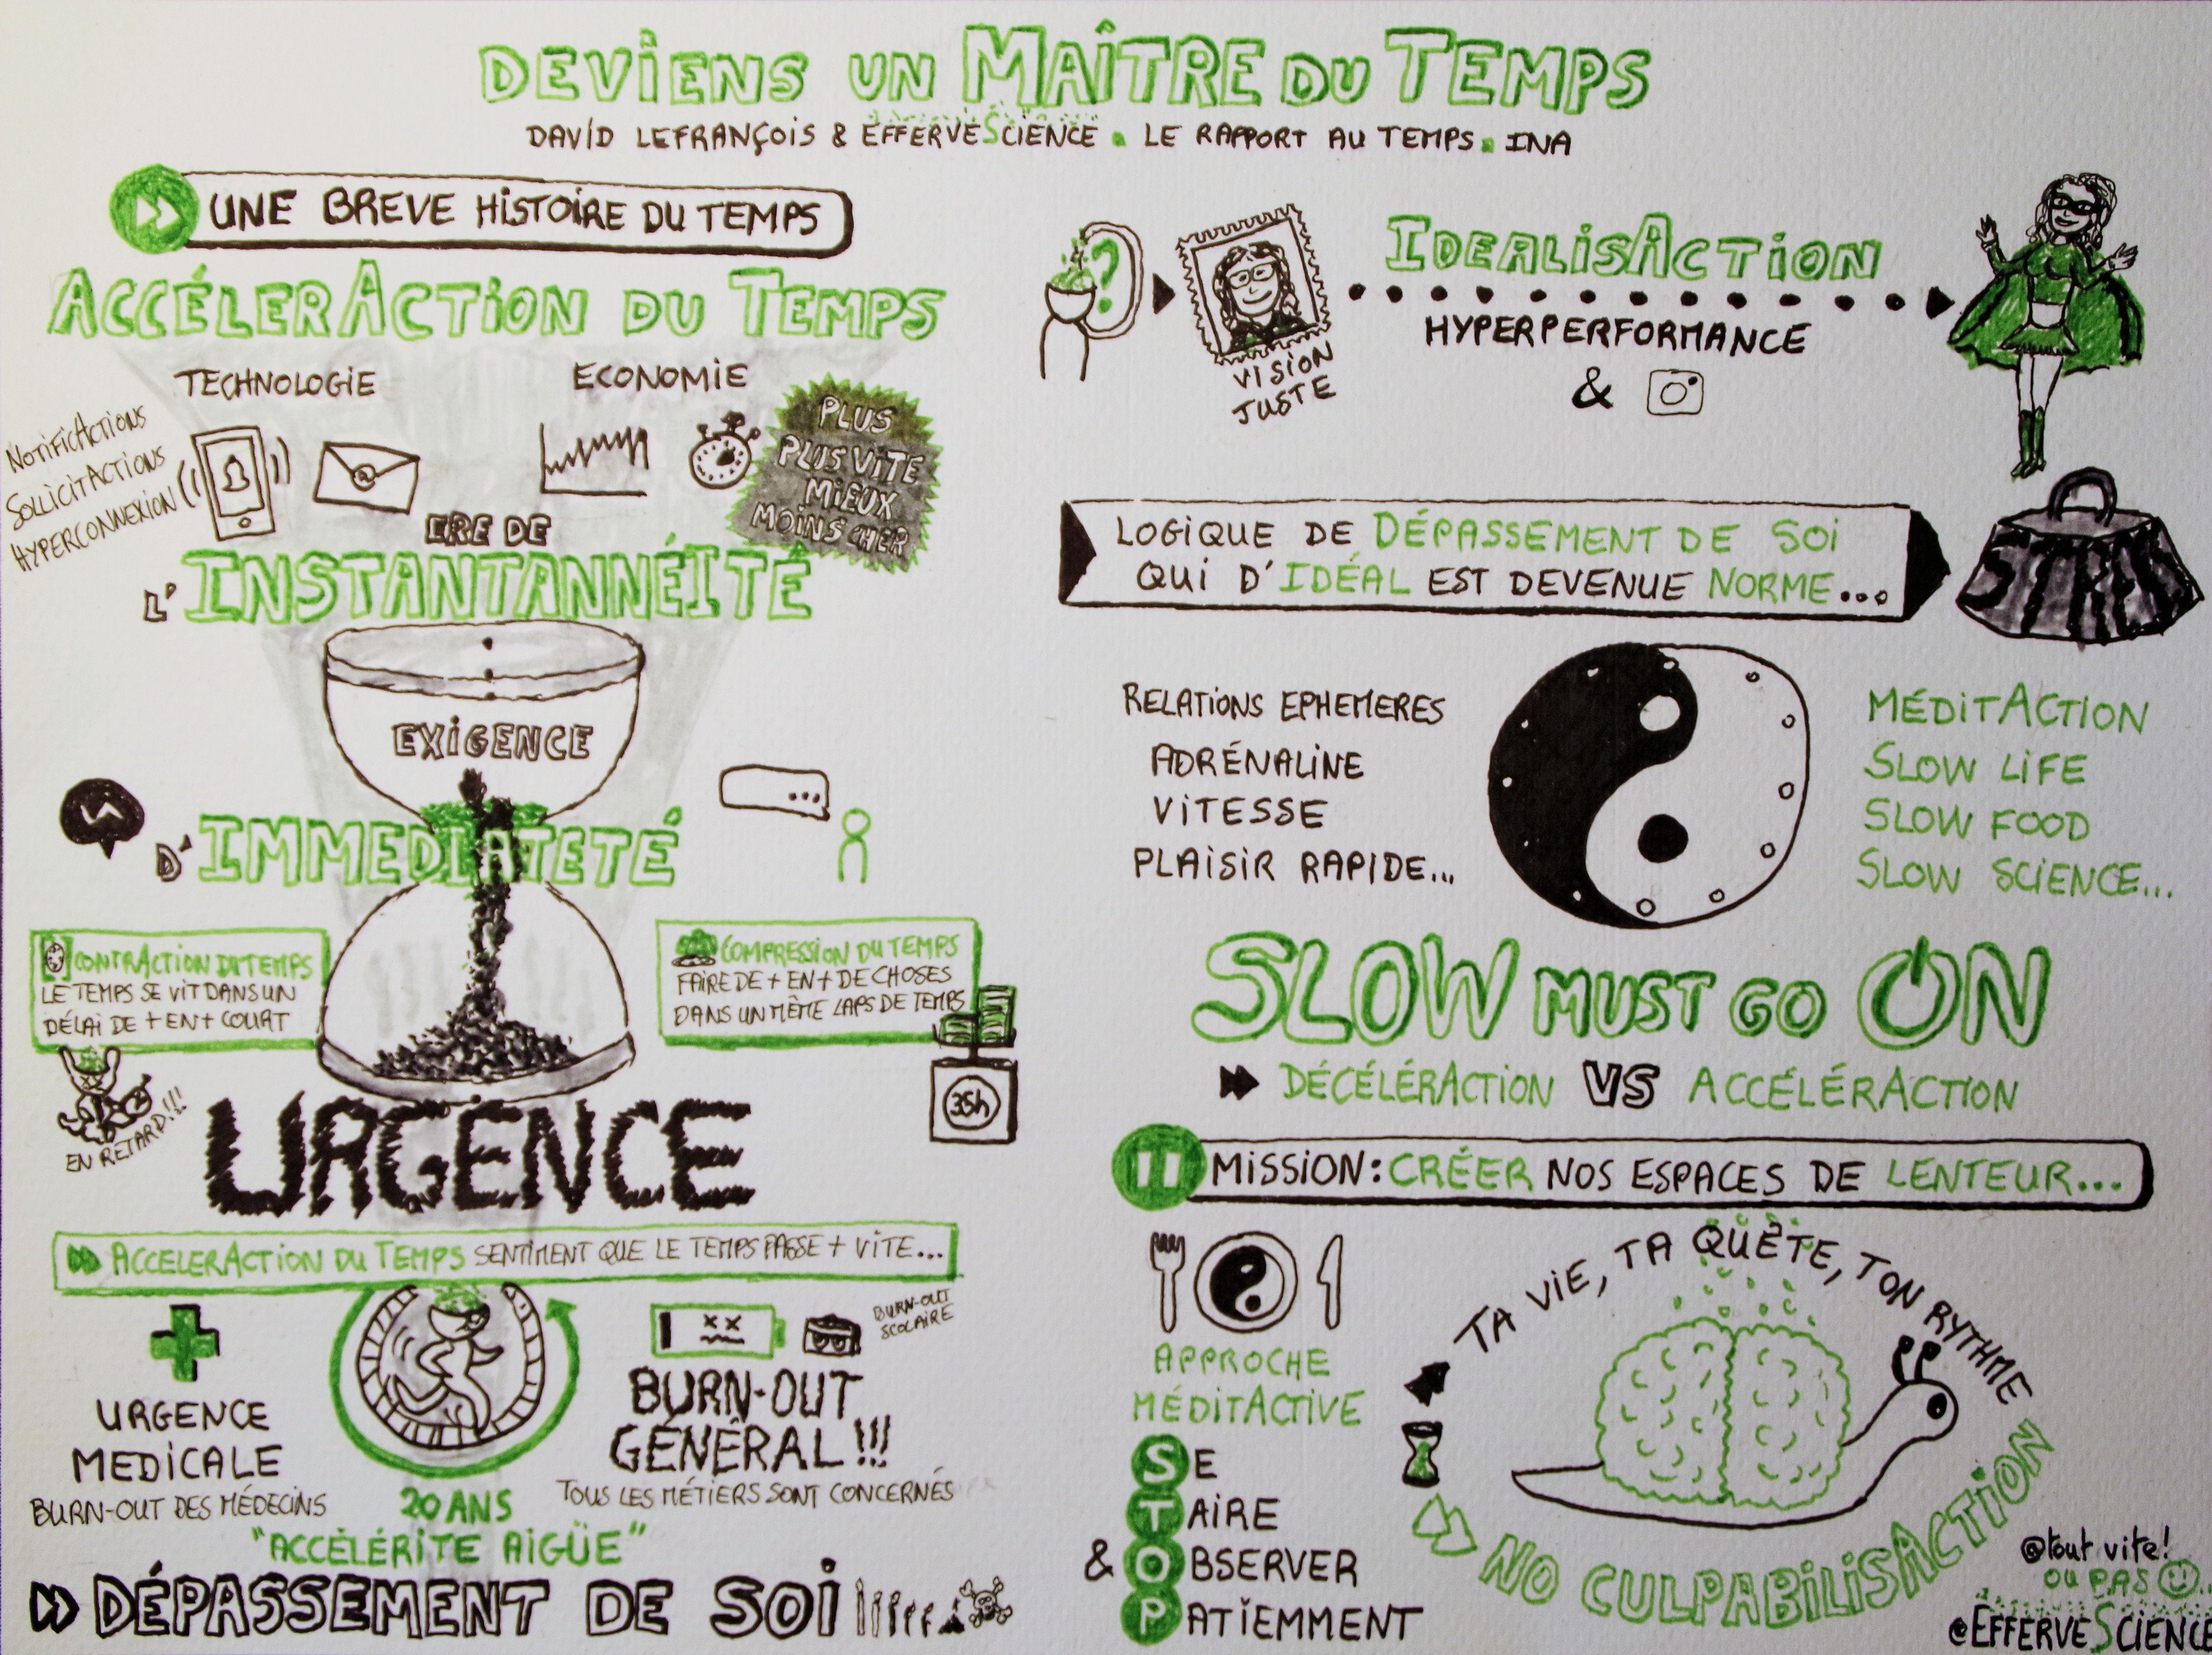 Deviens un Maître du Temps : rapport au temps, accélérAction & préservAction, avec les conseils efferveScients de David Lefrançois